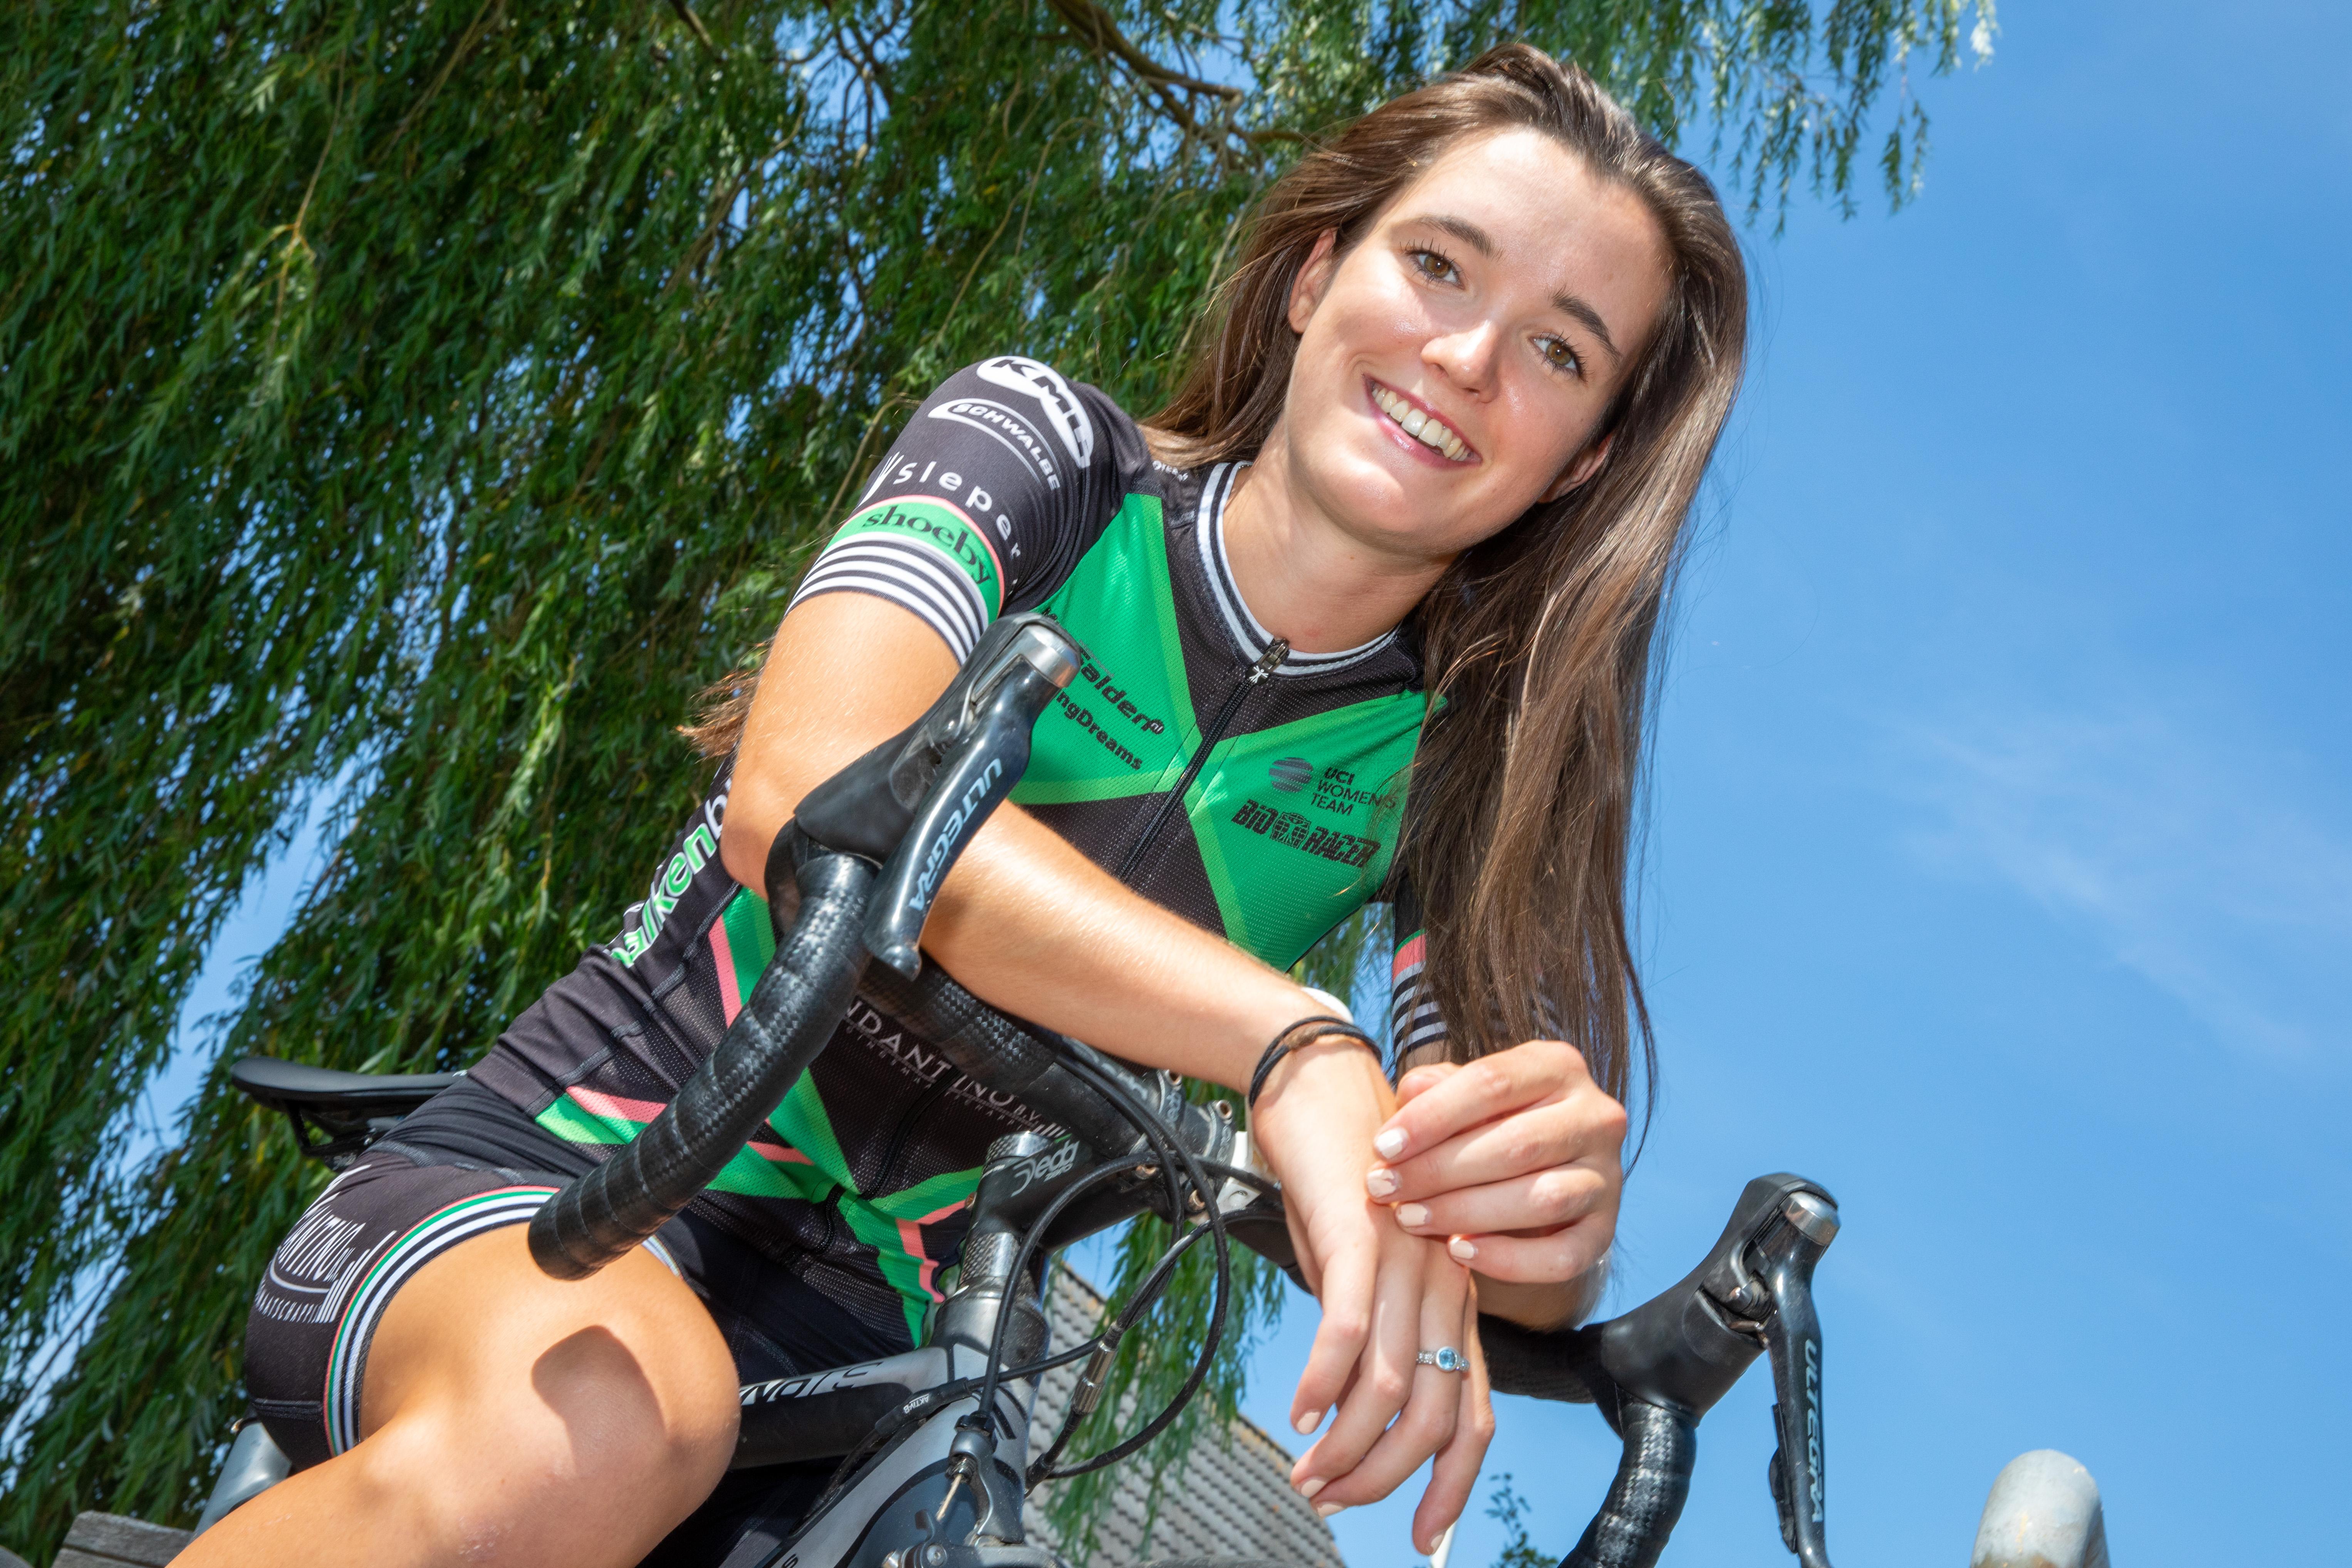 Nina Buysman vindt het erg leuk om Tour de Waard te rijden. (foto's Vincent de Vries / Rodi Media)